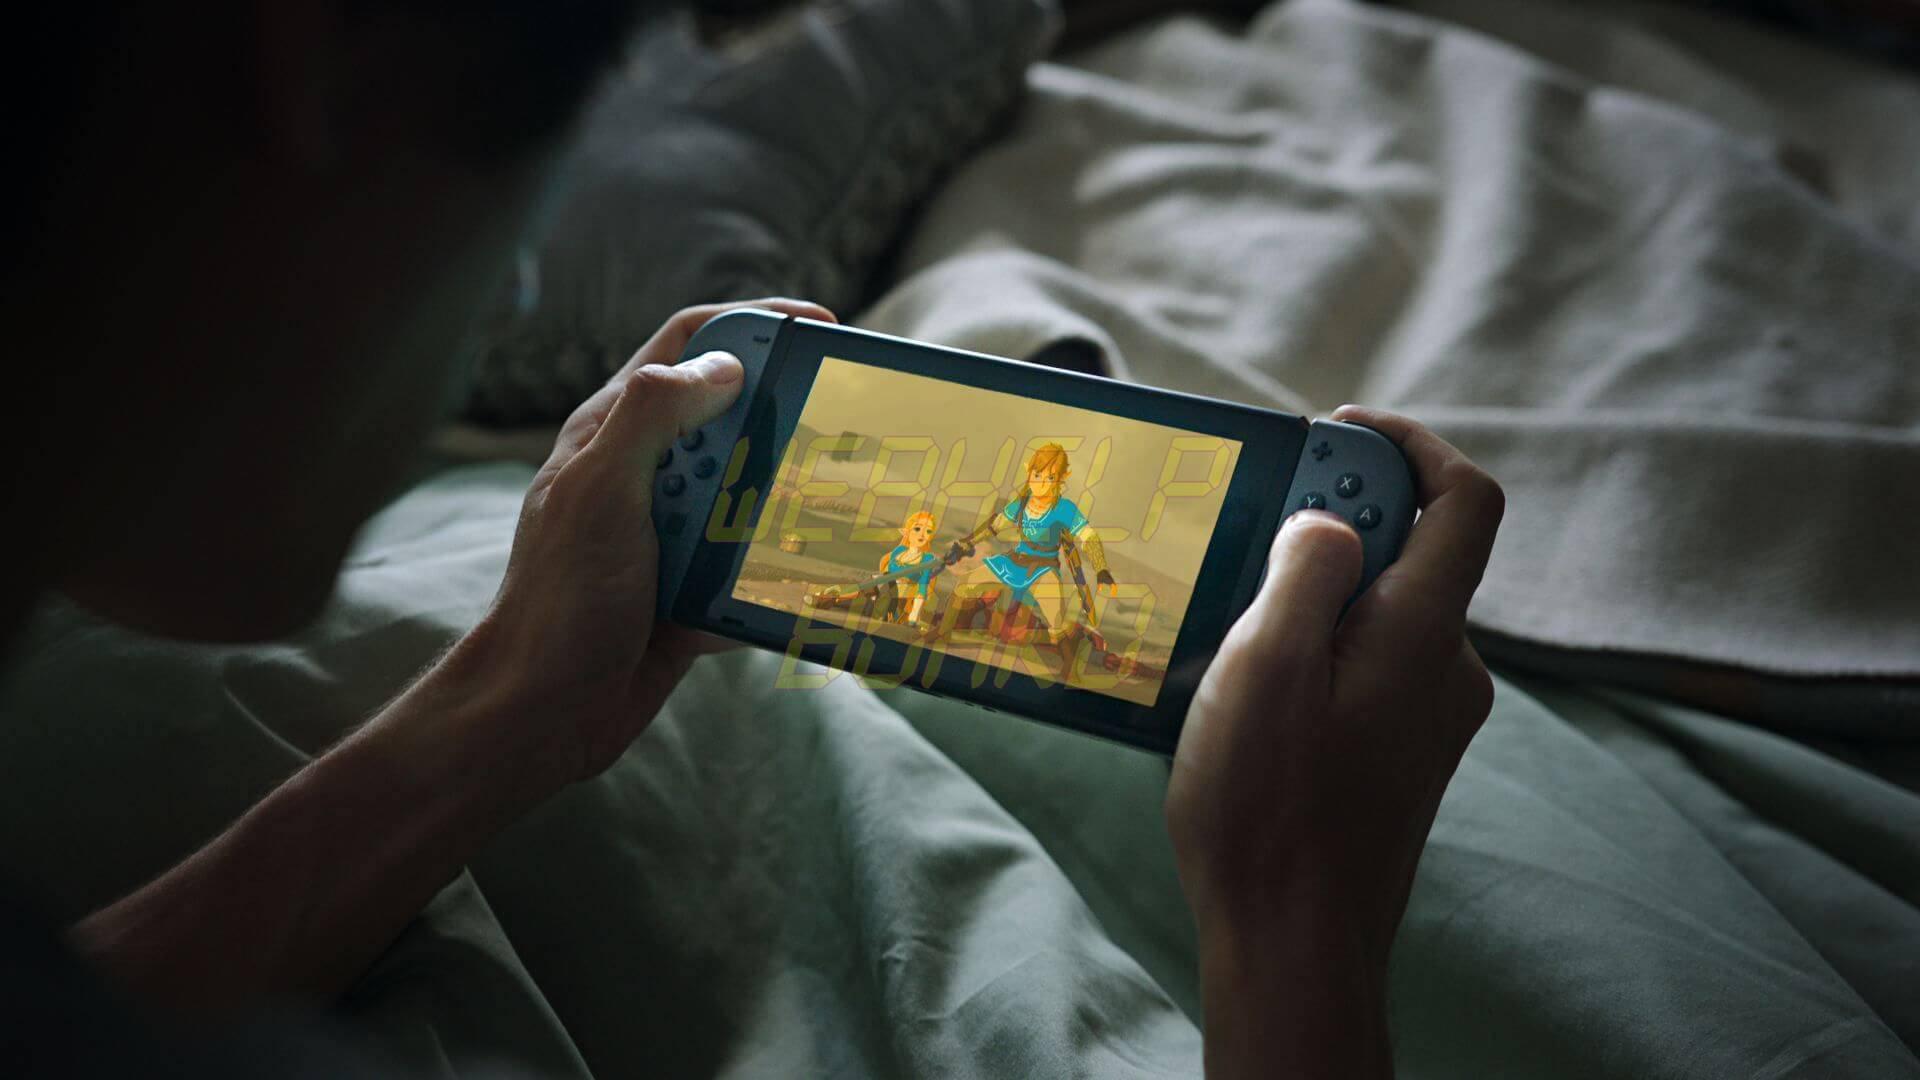 nintendo switch super bowl ad - Dicas e truques para o Nintendo Switch